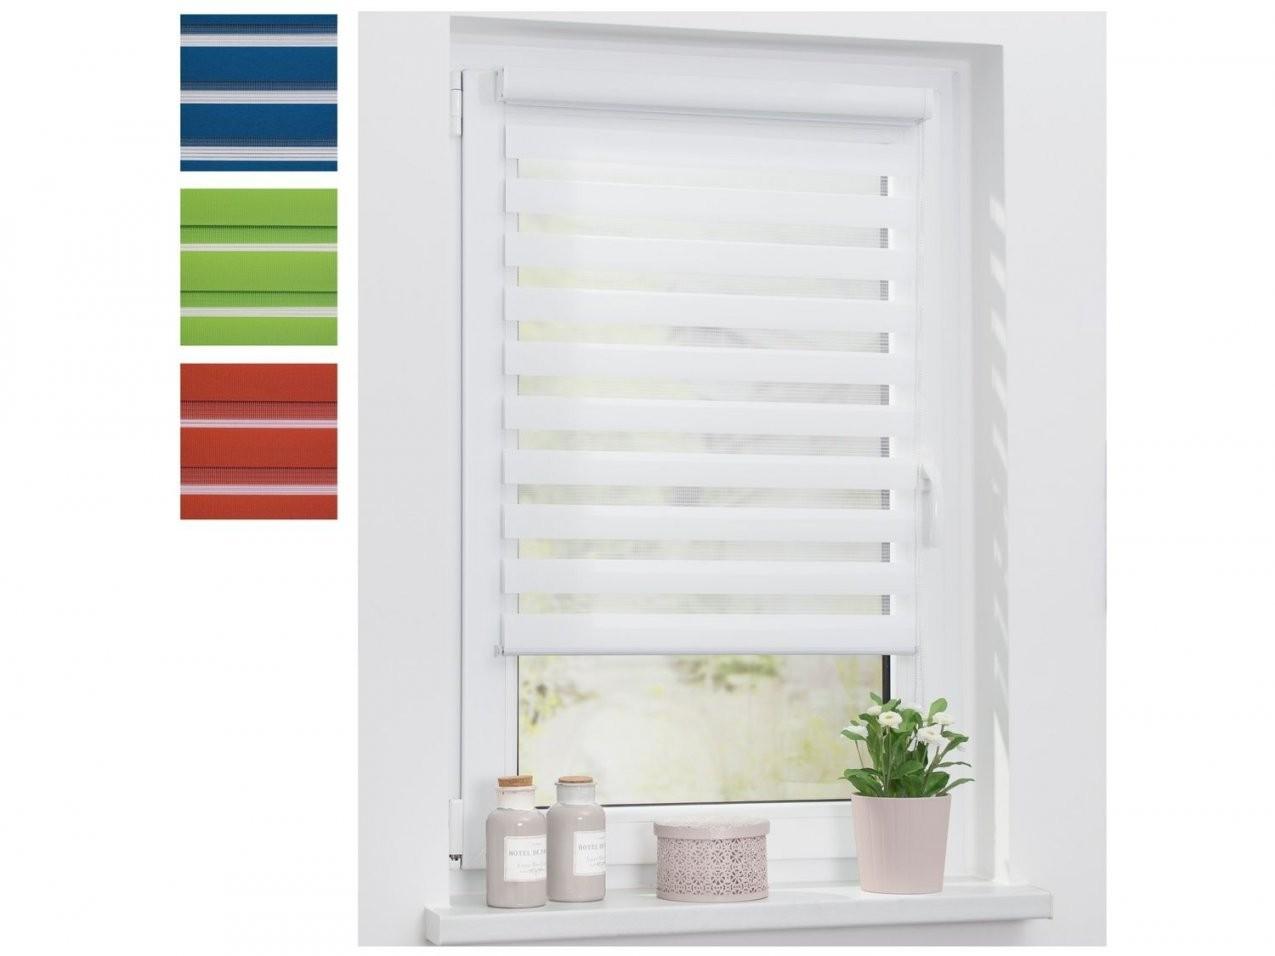 Fenster Rollos Innen Ohne Bohren Plissee F R Fenster Innen Qf55 von Fenster Jalousien Innen Ohne Bohren Photo